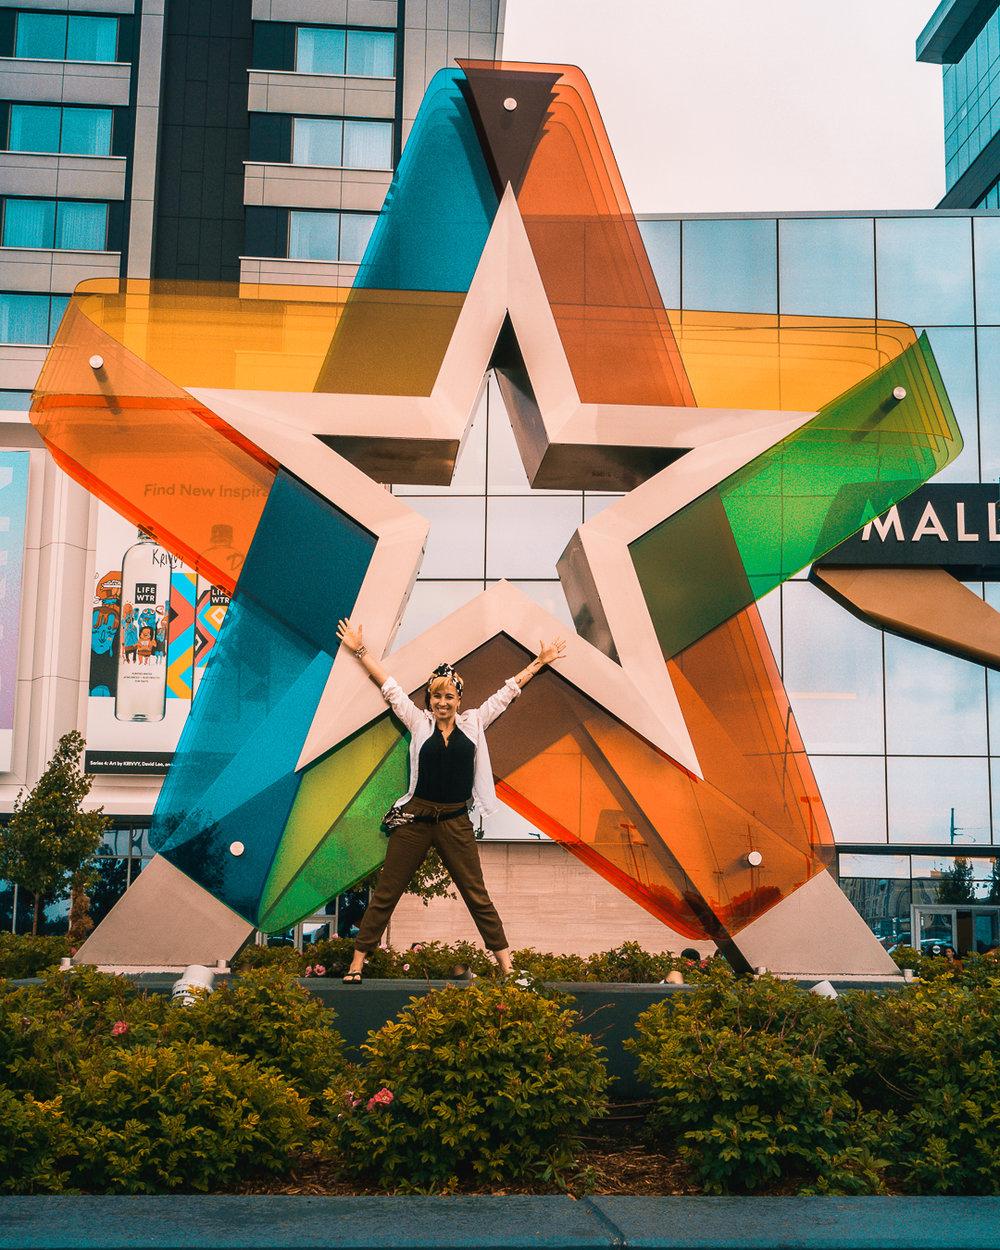 goal-traveler-mall-of-america-minnesota.jpg